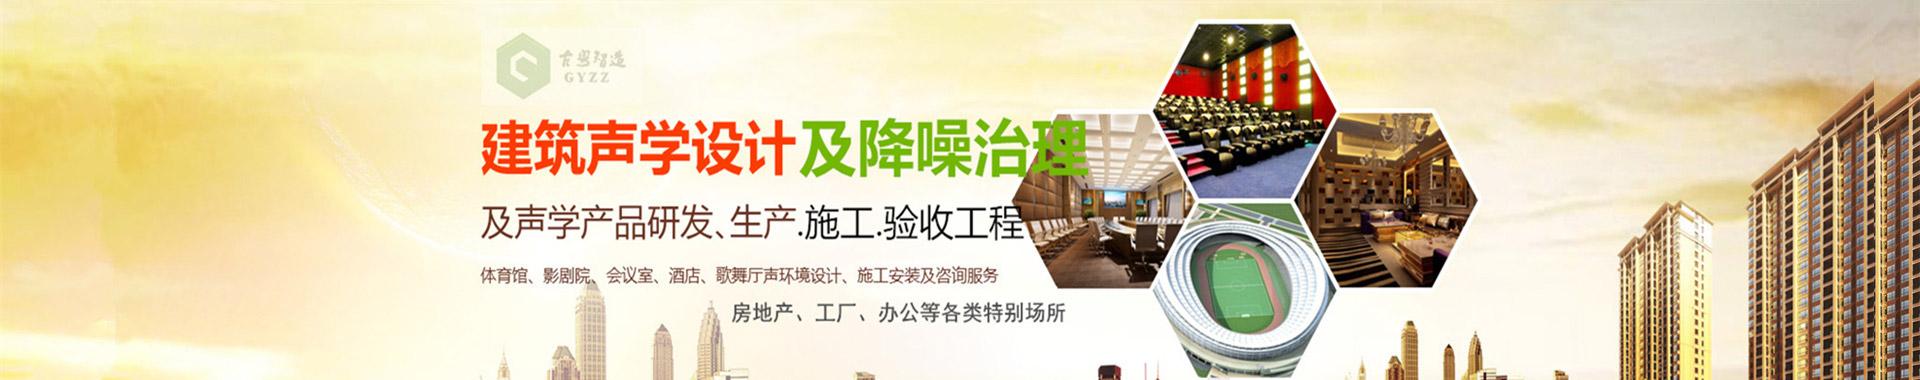 聲學、噪音、廢氣、粉塵、污水治理,盡在古粵環保